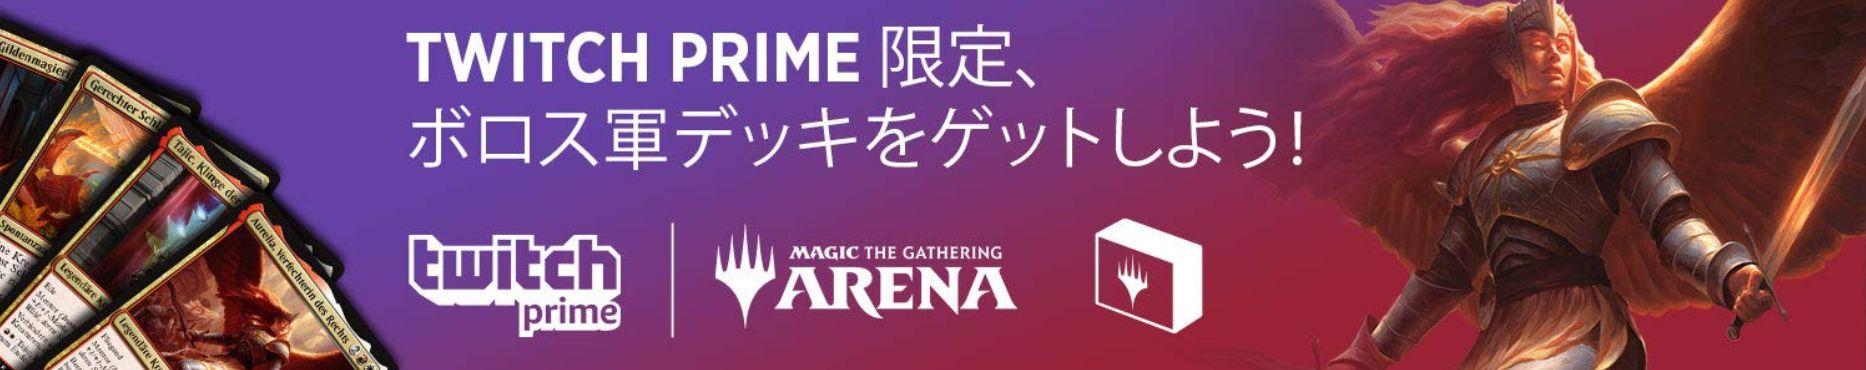 【TwitchPrime】会員特典として「MTGアリーナ」のデッキプレゼントキャンペーンがスタート!